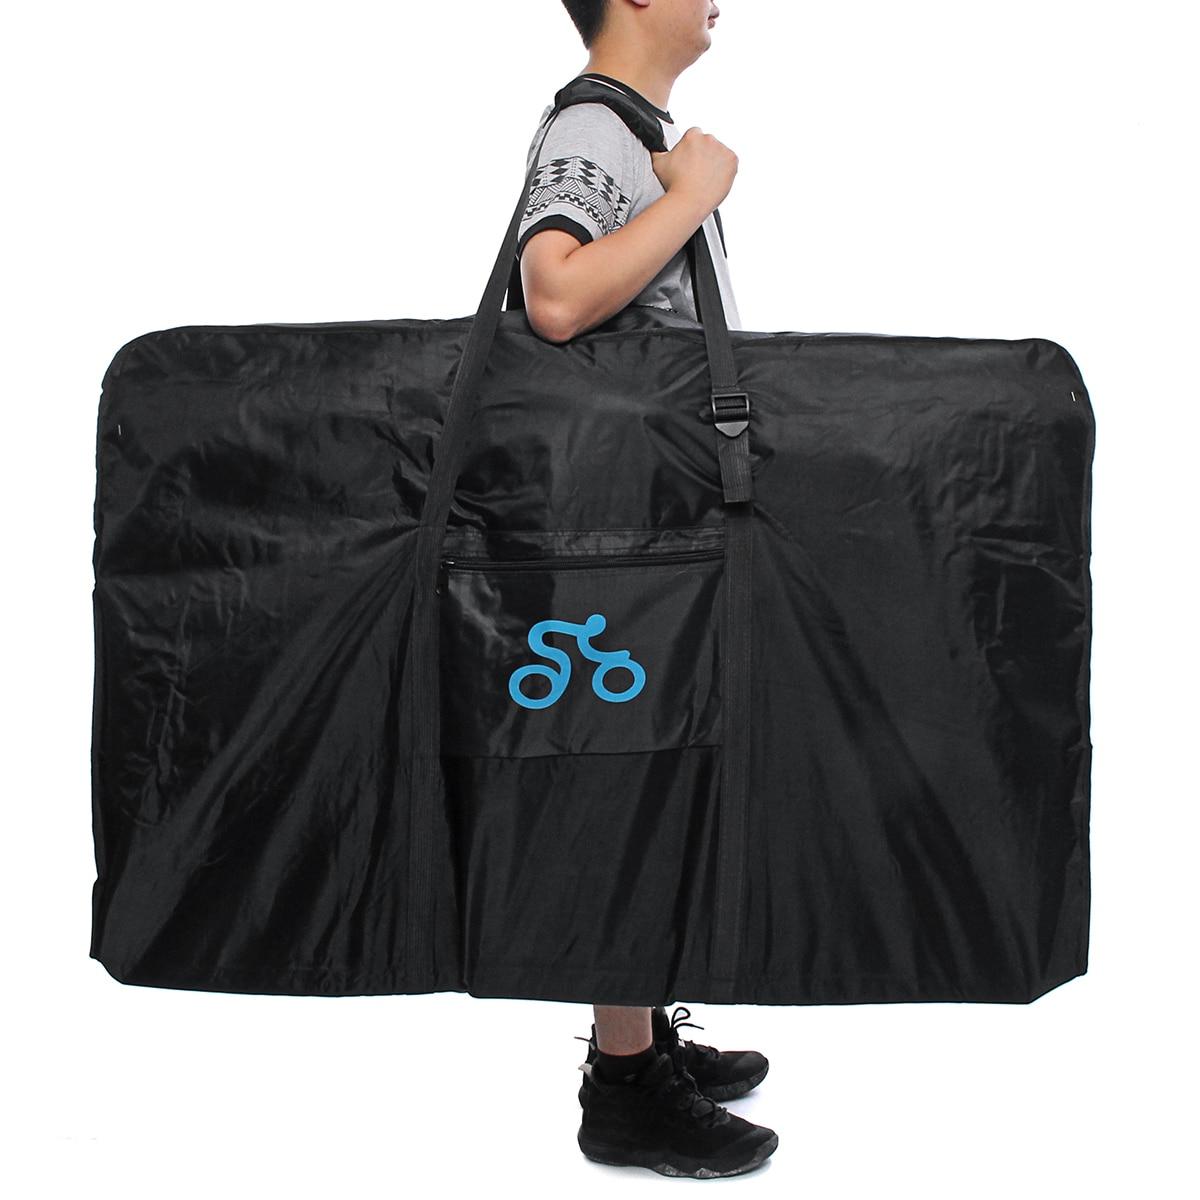 Nowy 1680D Nylon przenośny rower torba na zakupy torba na 26 29 Cal jazda na rowerze rower pojemnik transportowy podróży akcesoria serwisy rowerowe sportowe na świeżym powietrzu w Torby i sakwy rowerowe od Sport i rozrywka na AliExpress - 11.11_Double 11Singles' Day 1